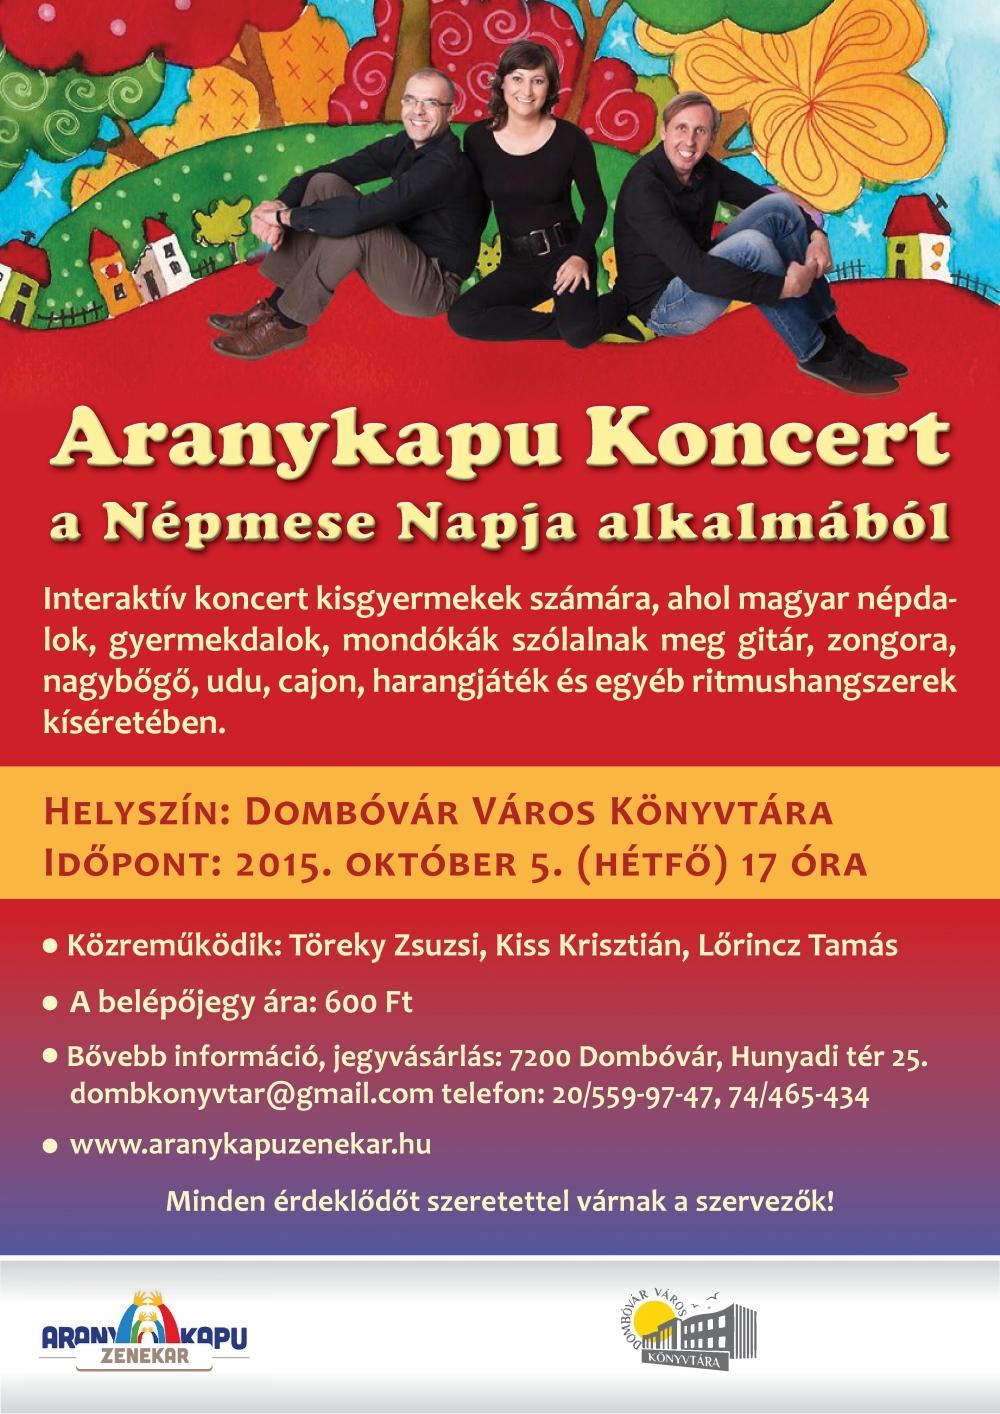 Aranykapu gyermekkoncert Dombóvár Város Könyvtárában